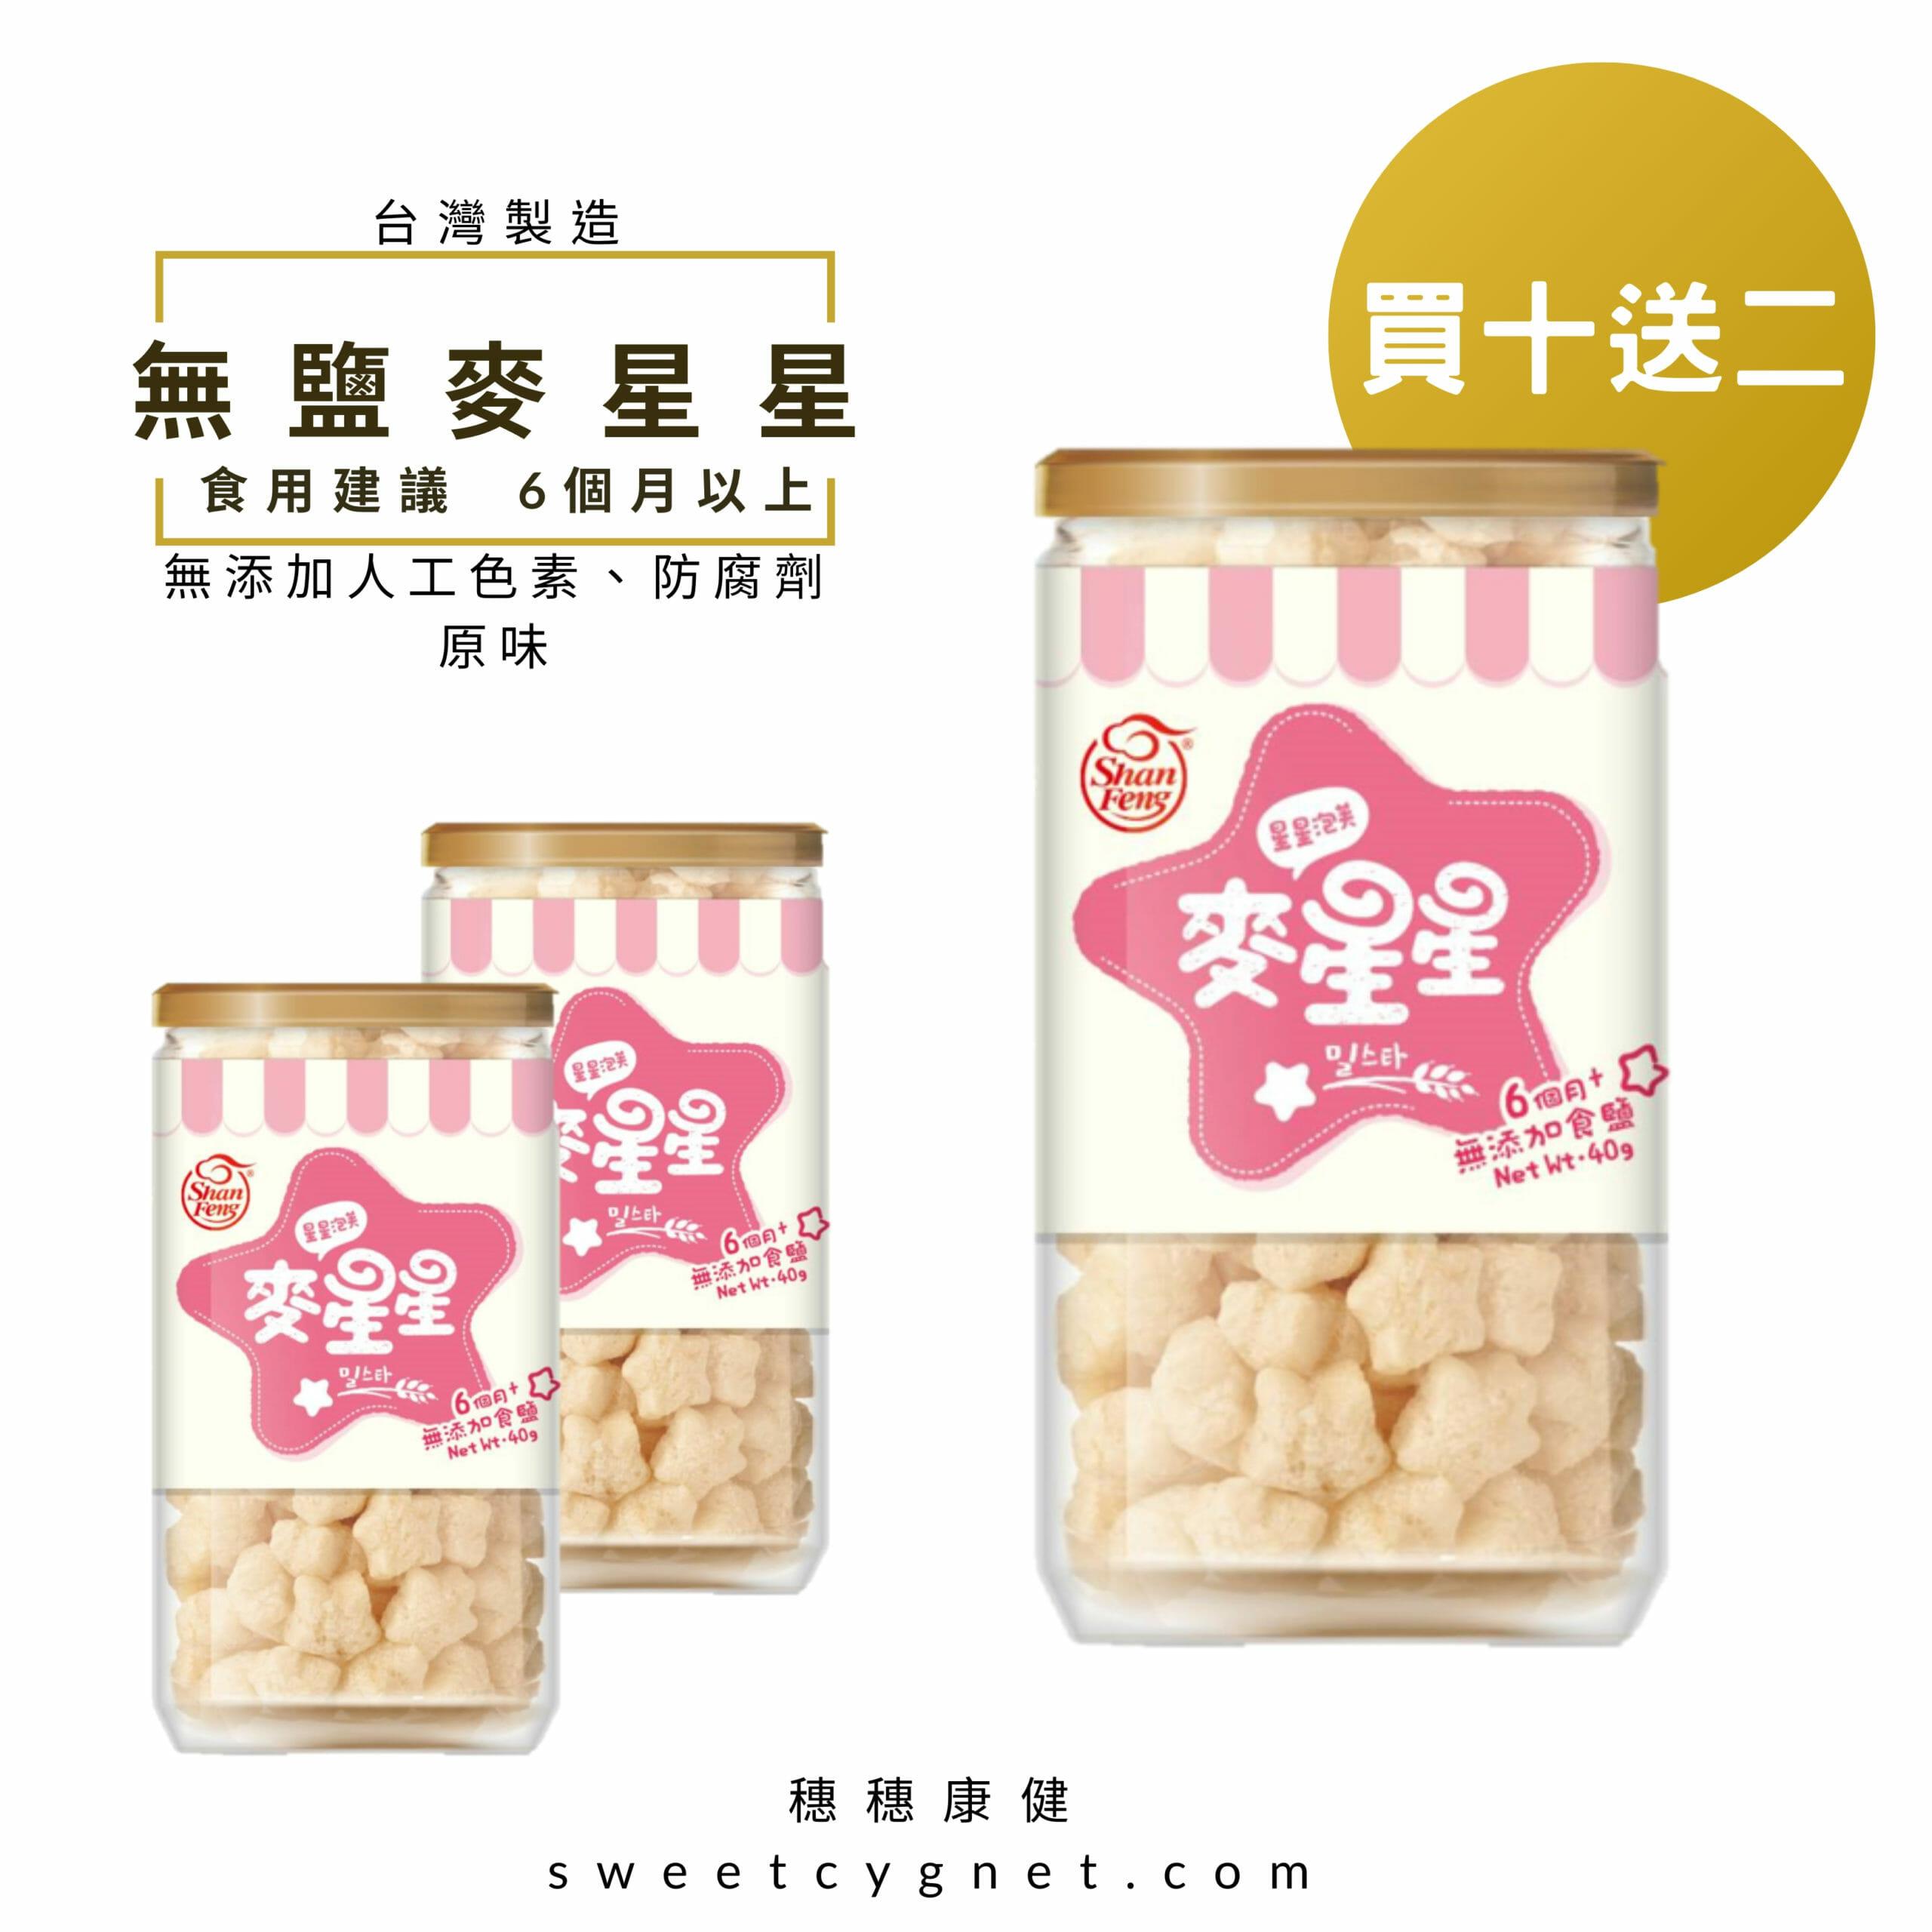 麥星星-小麥原味-40g (12罐入) 10